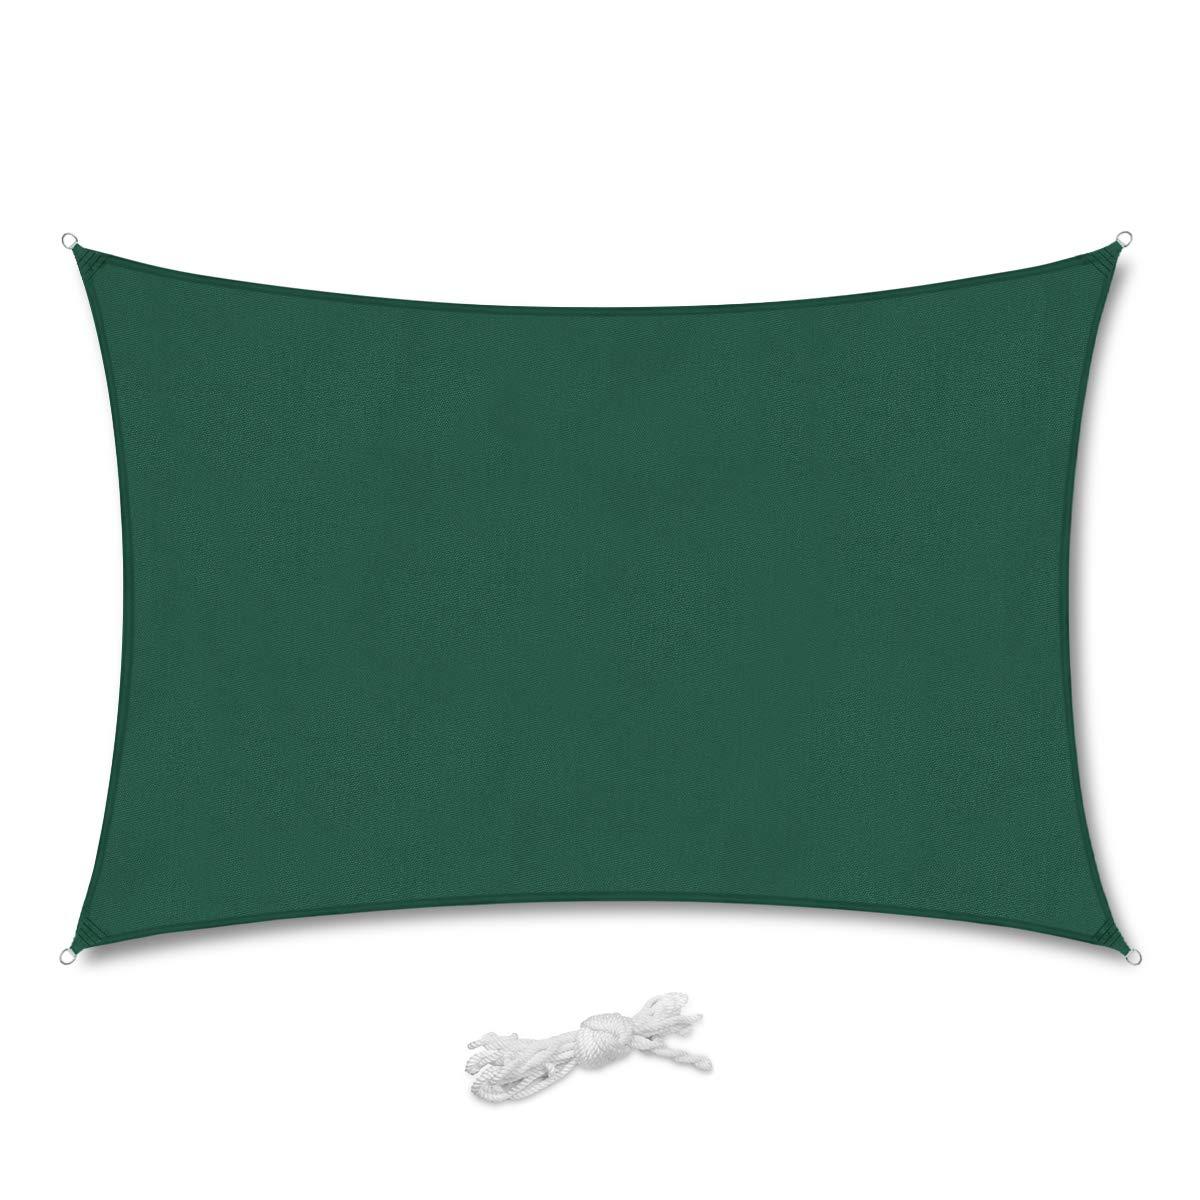 Sekey Vela Parasole Rettangolare Traspirante Permeabile HDPE Protezione Antivento con Protezione UV 90/% per Giardino Terrazza Campeggio Patio Party 3/×4m Sabbia con Corda Libera e Kit di Fissaggio